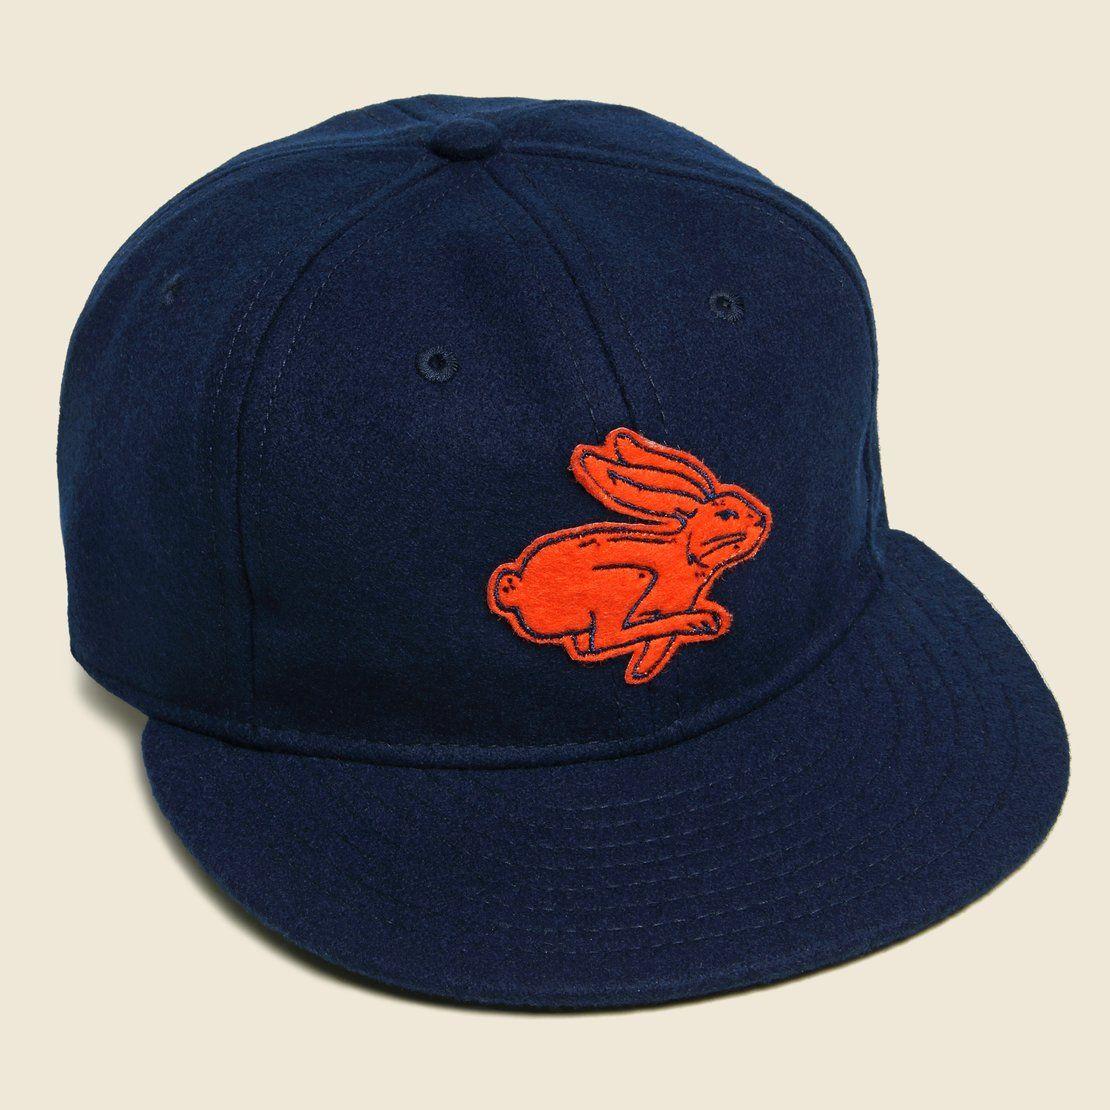 5350fbc487b Ebbets Field Flannels Texas Playboys Hat - Navy